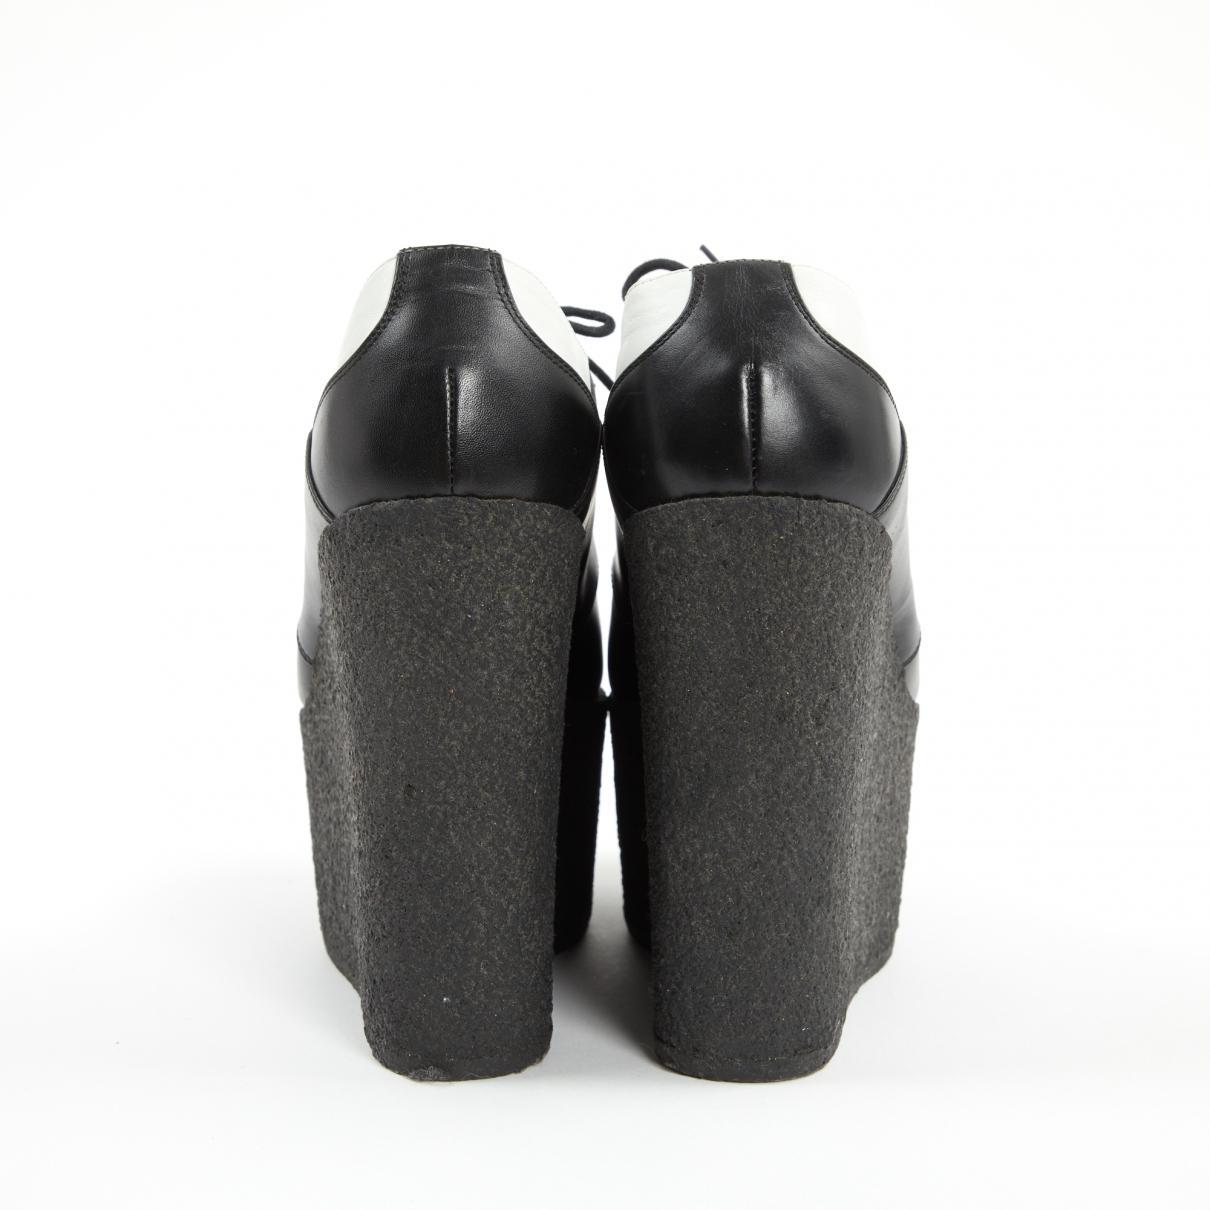 Derbis de Cuero Celine de Cuero de color Negro